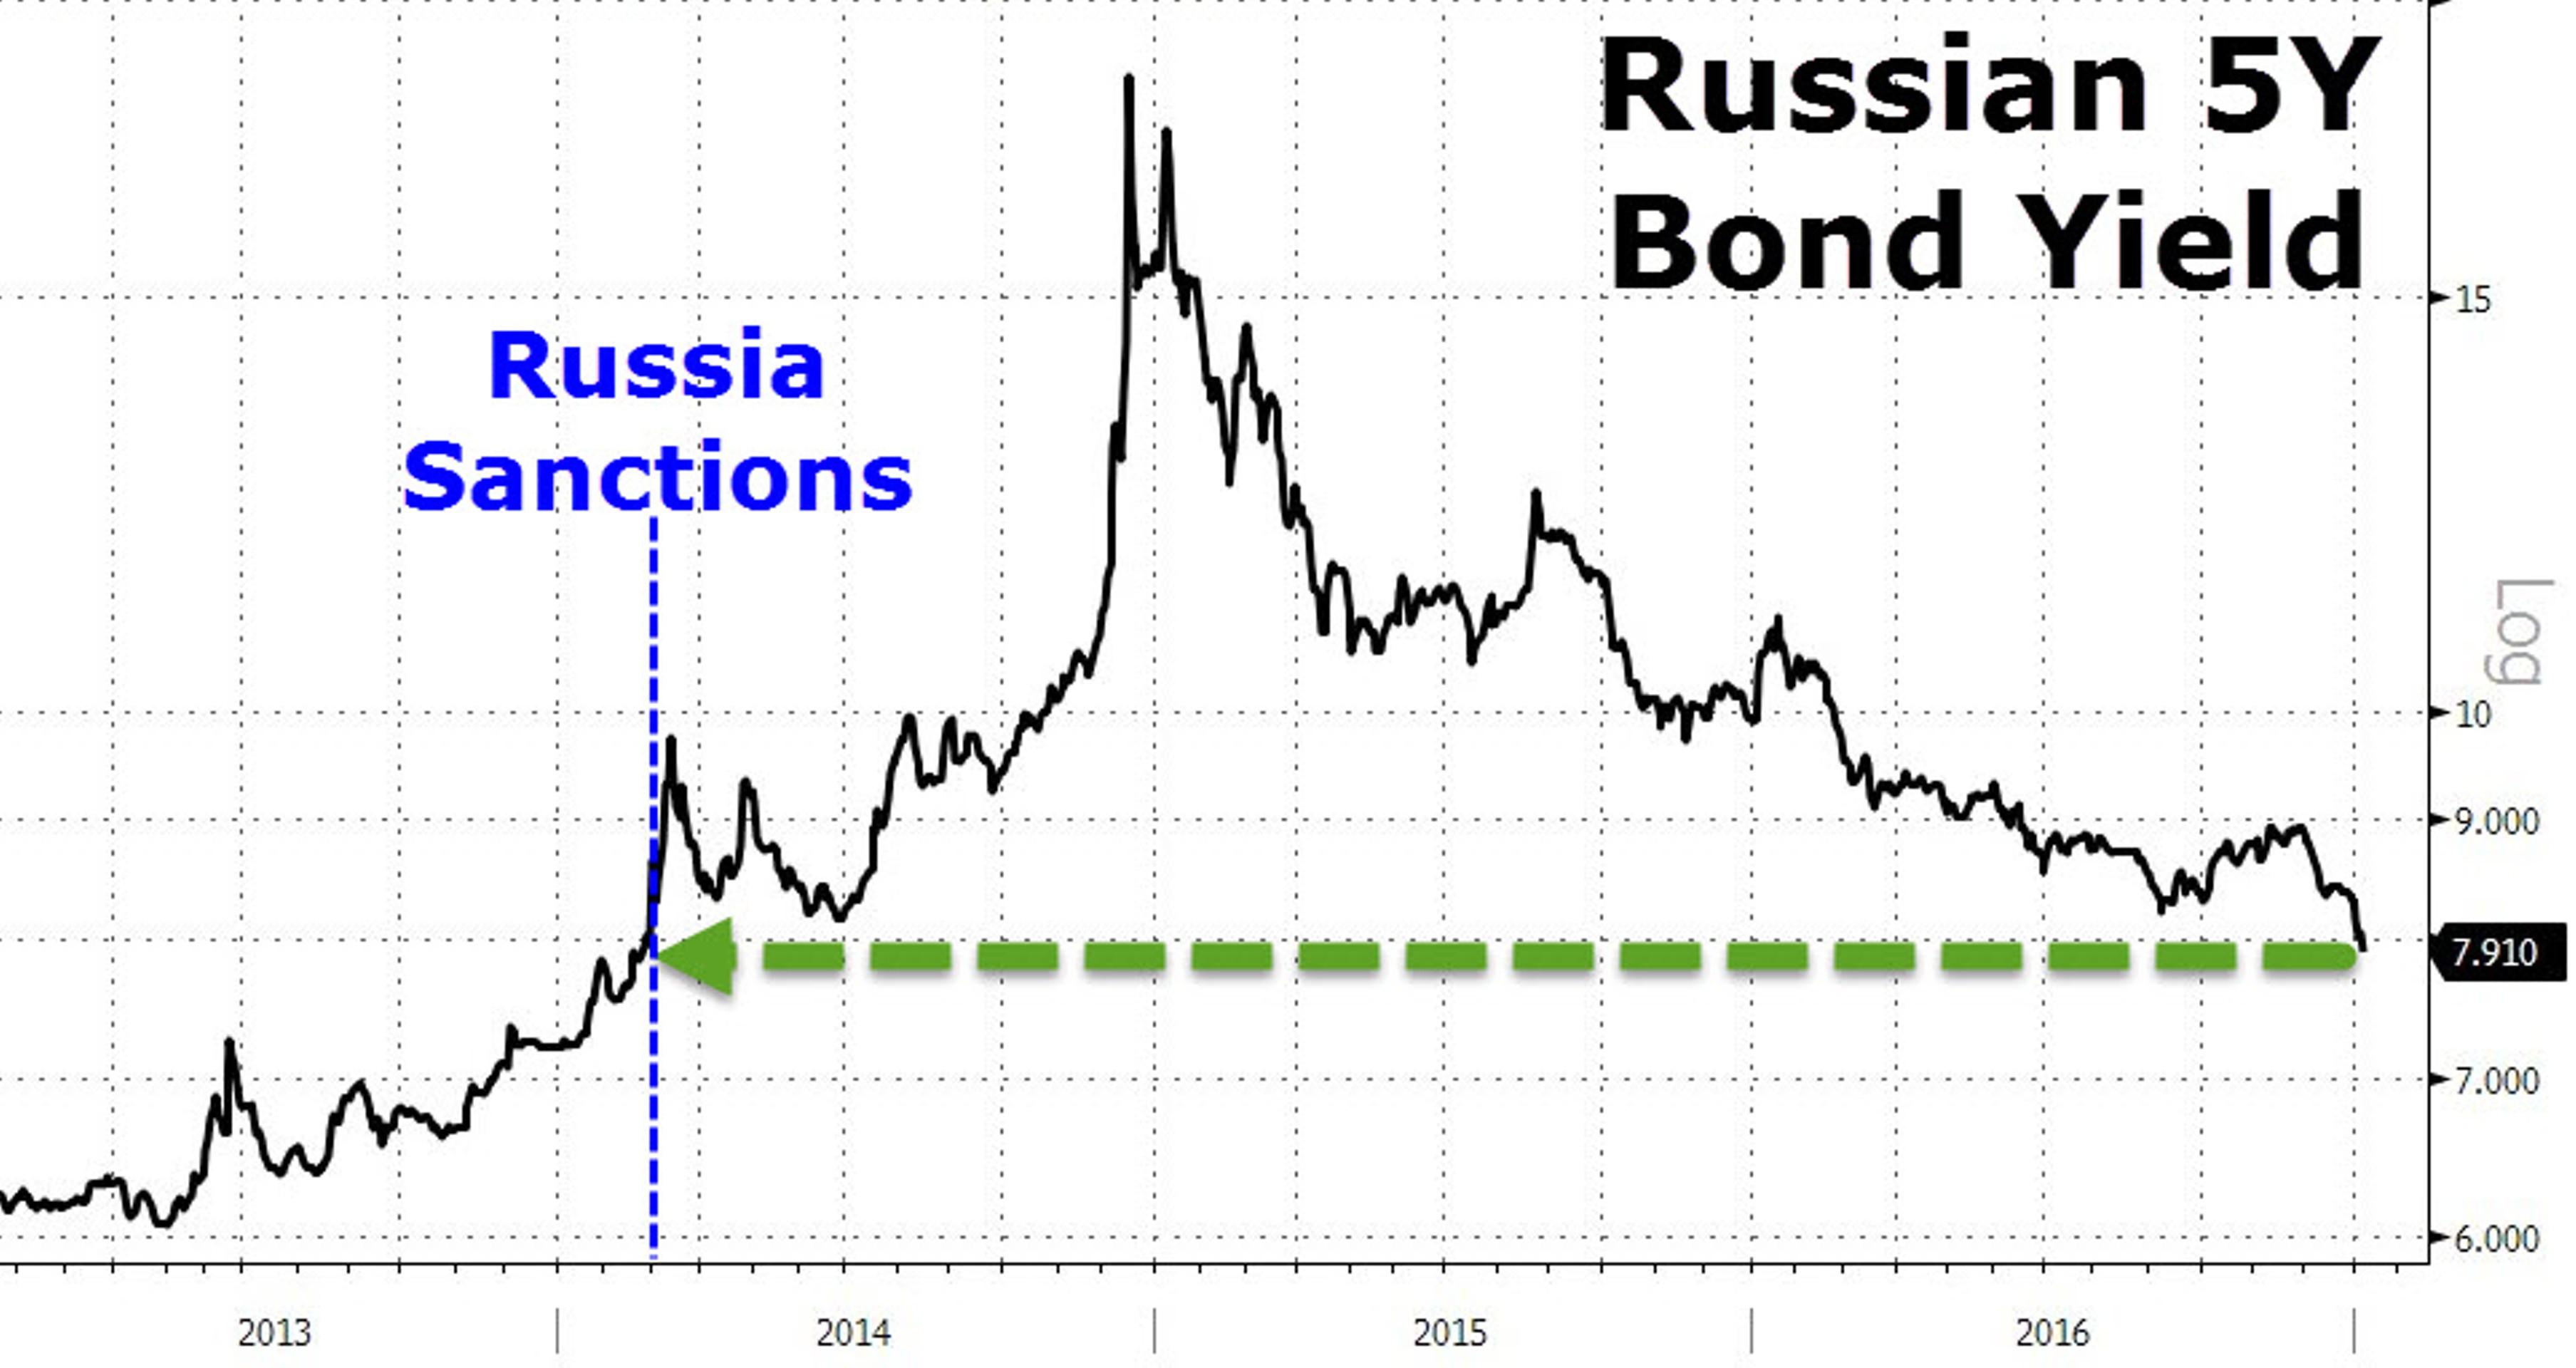 Санкции, такие санкции. Для рынка их уже нет